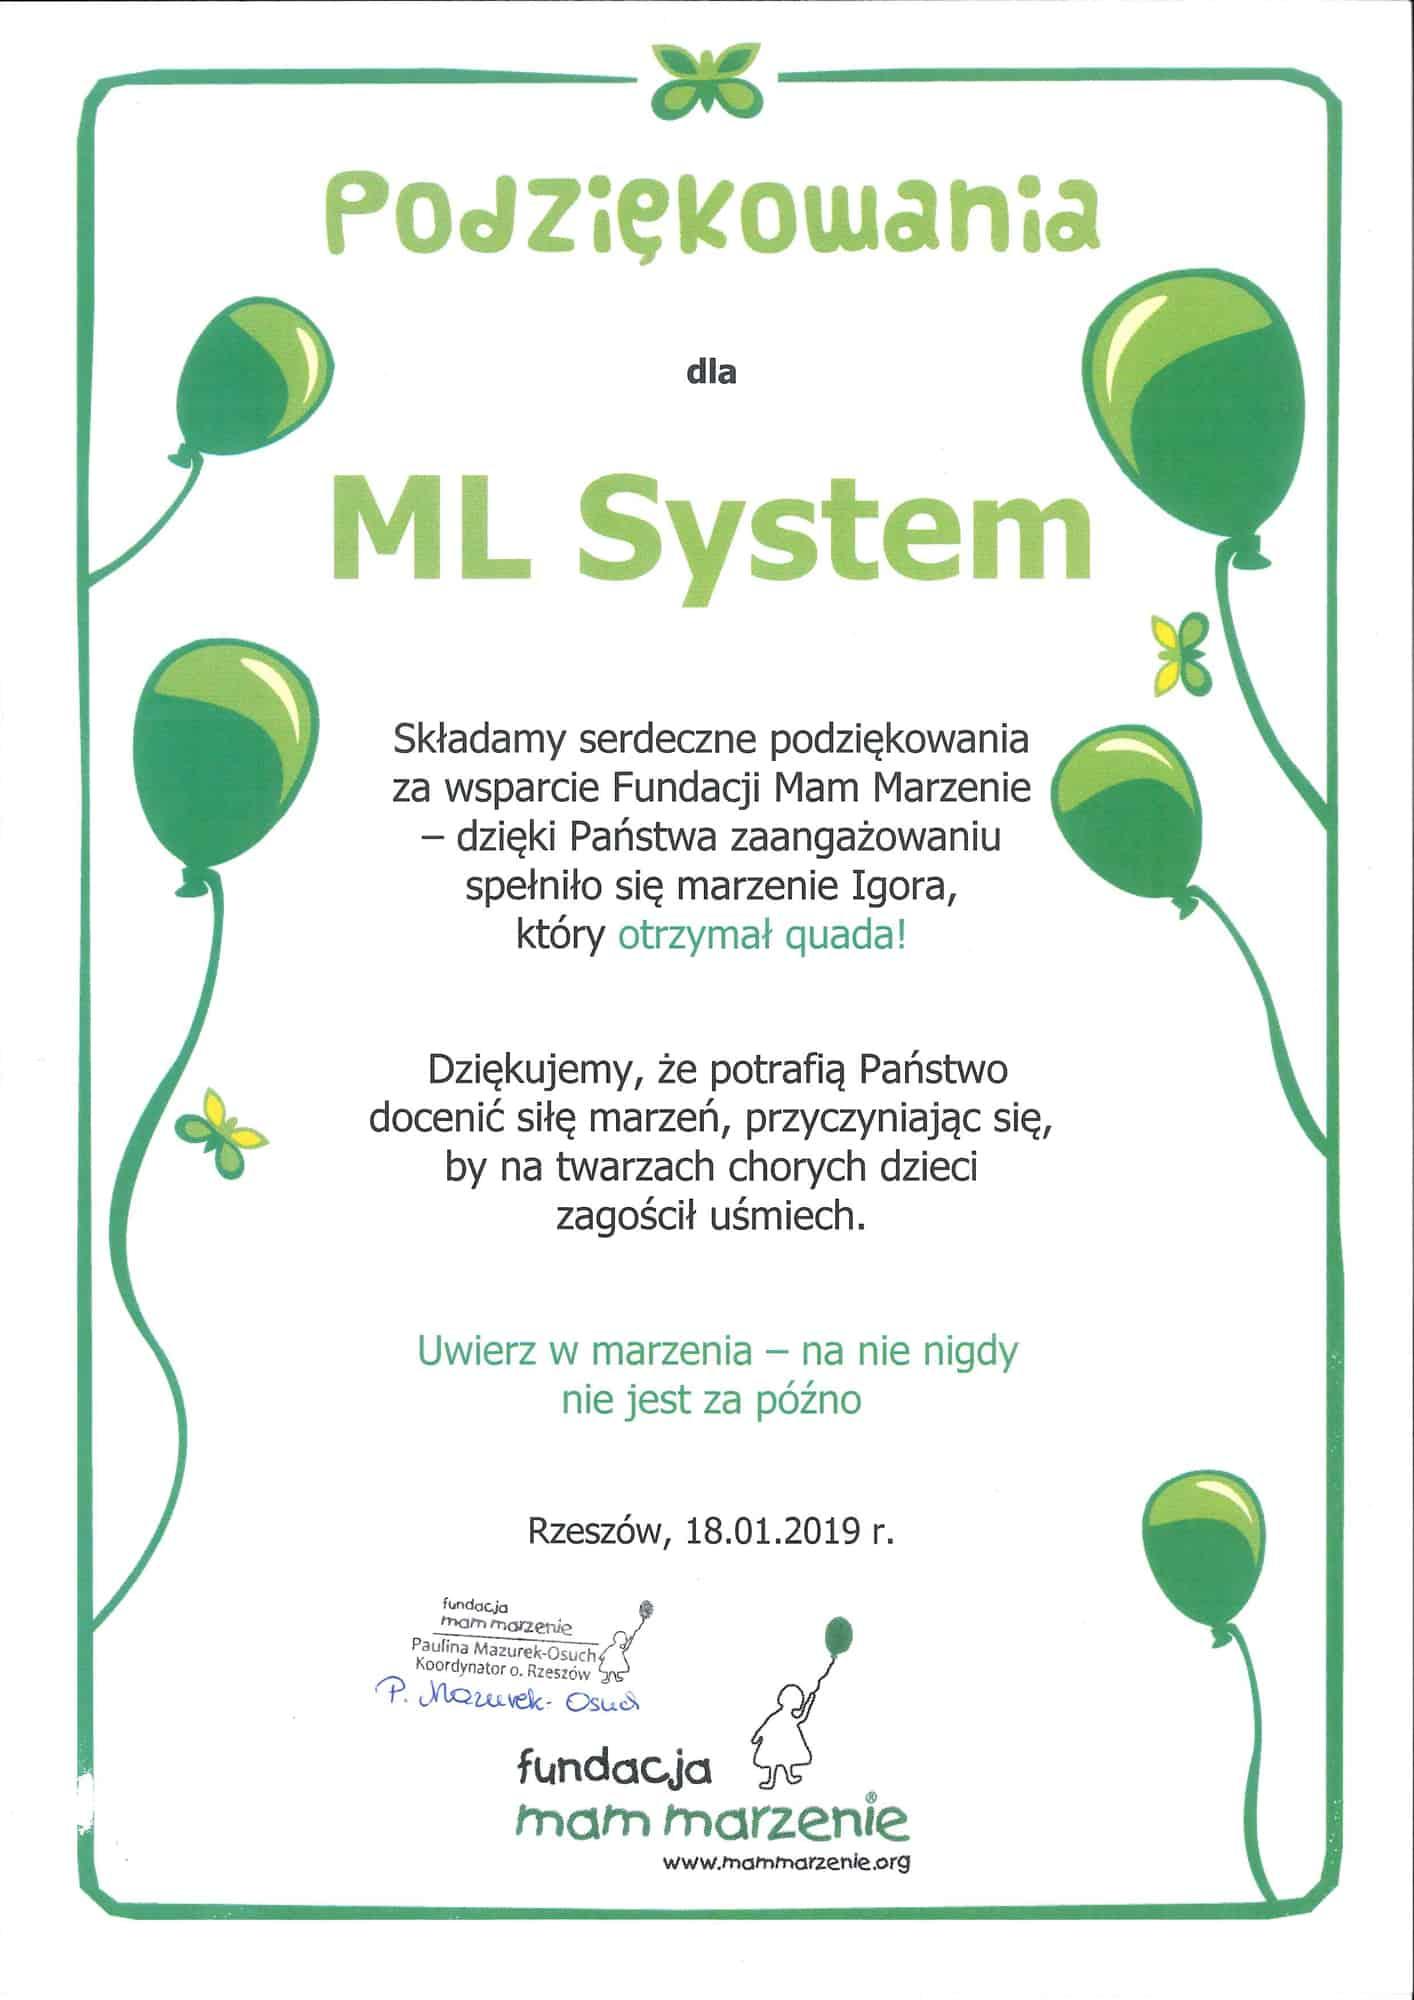 MLSystem-Dyplom-Spelnienie-Marzen-Igora